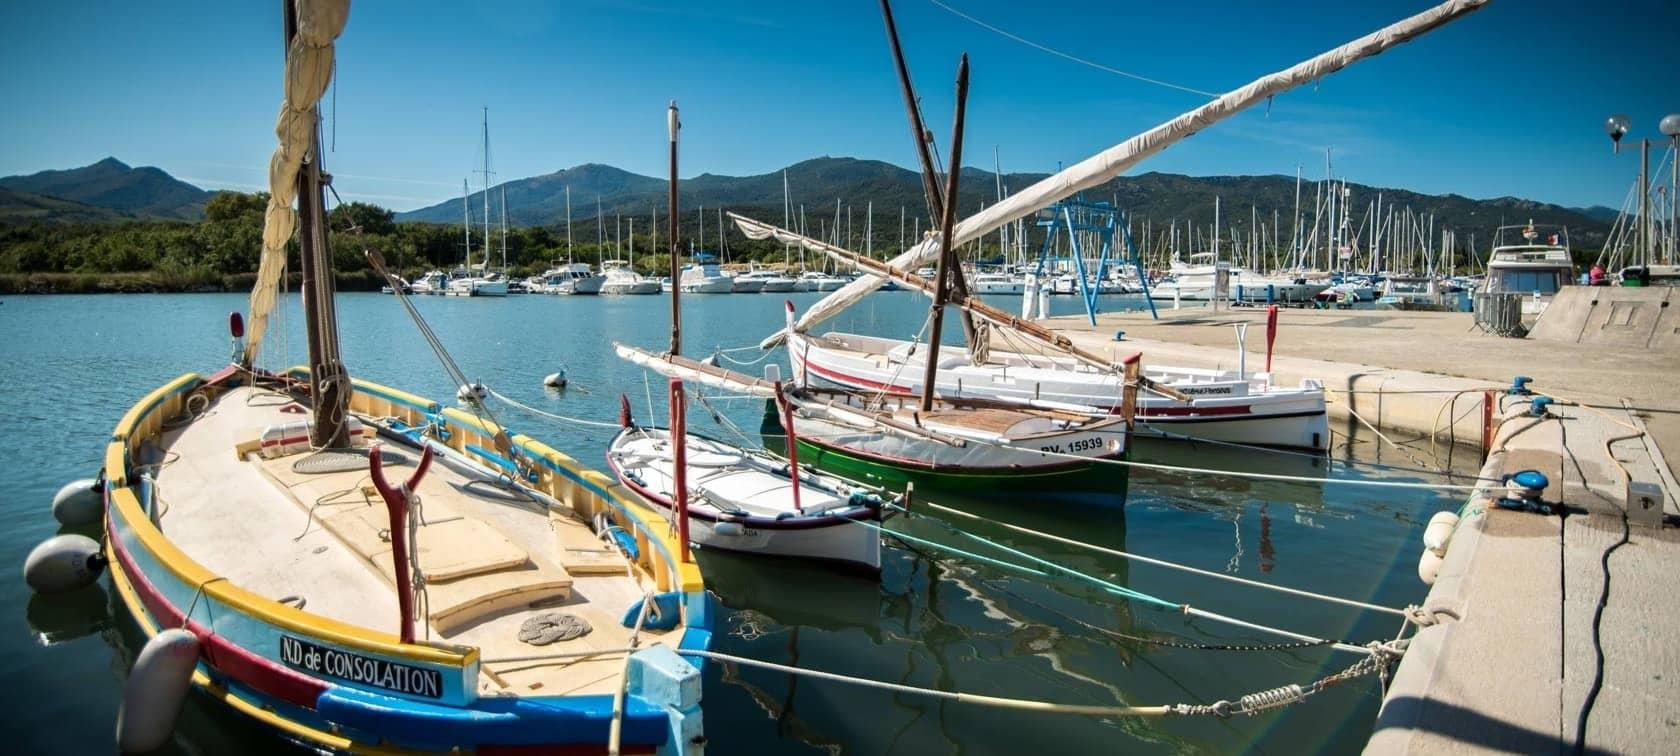 Port de plaisance, Argelès-sur-Mer, photo de Stéphane Ferrer